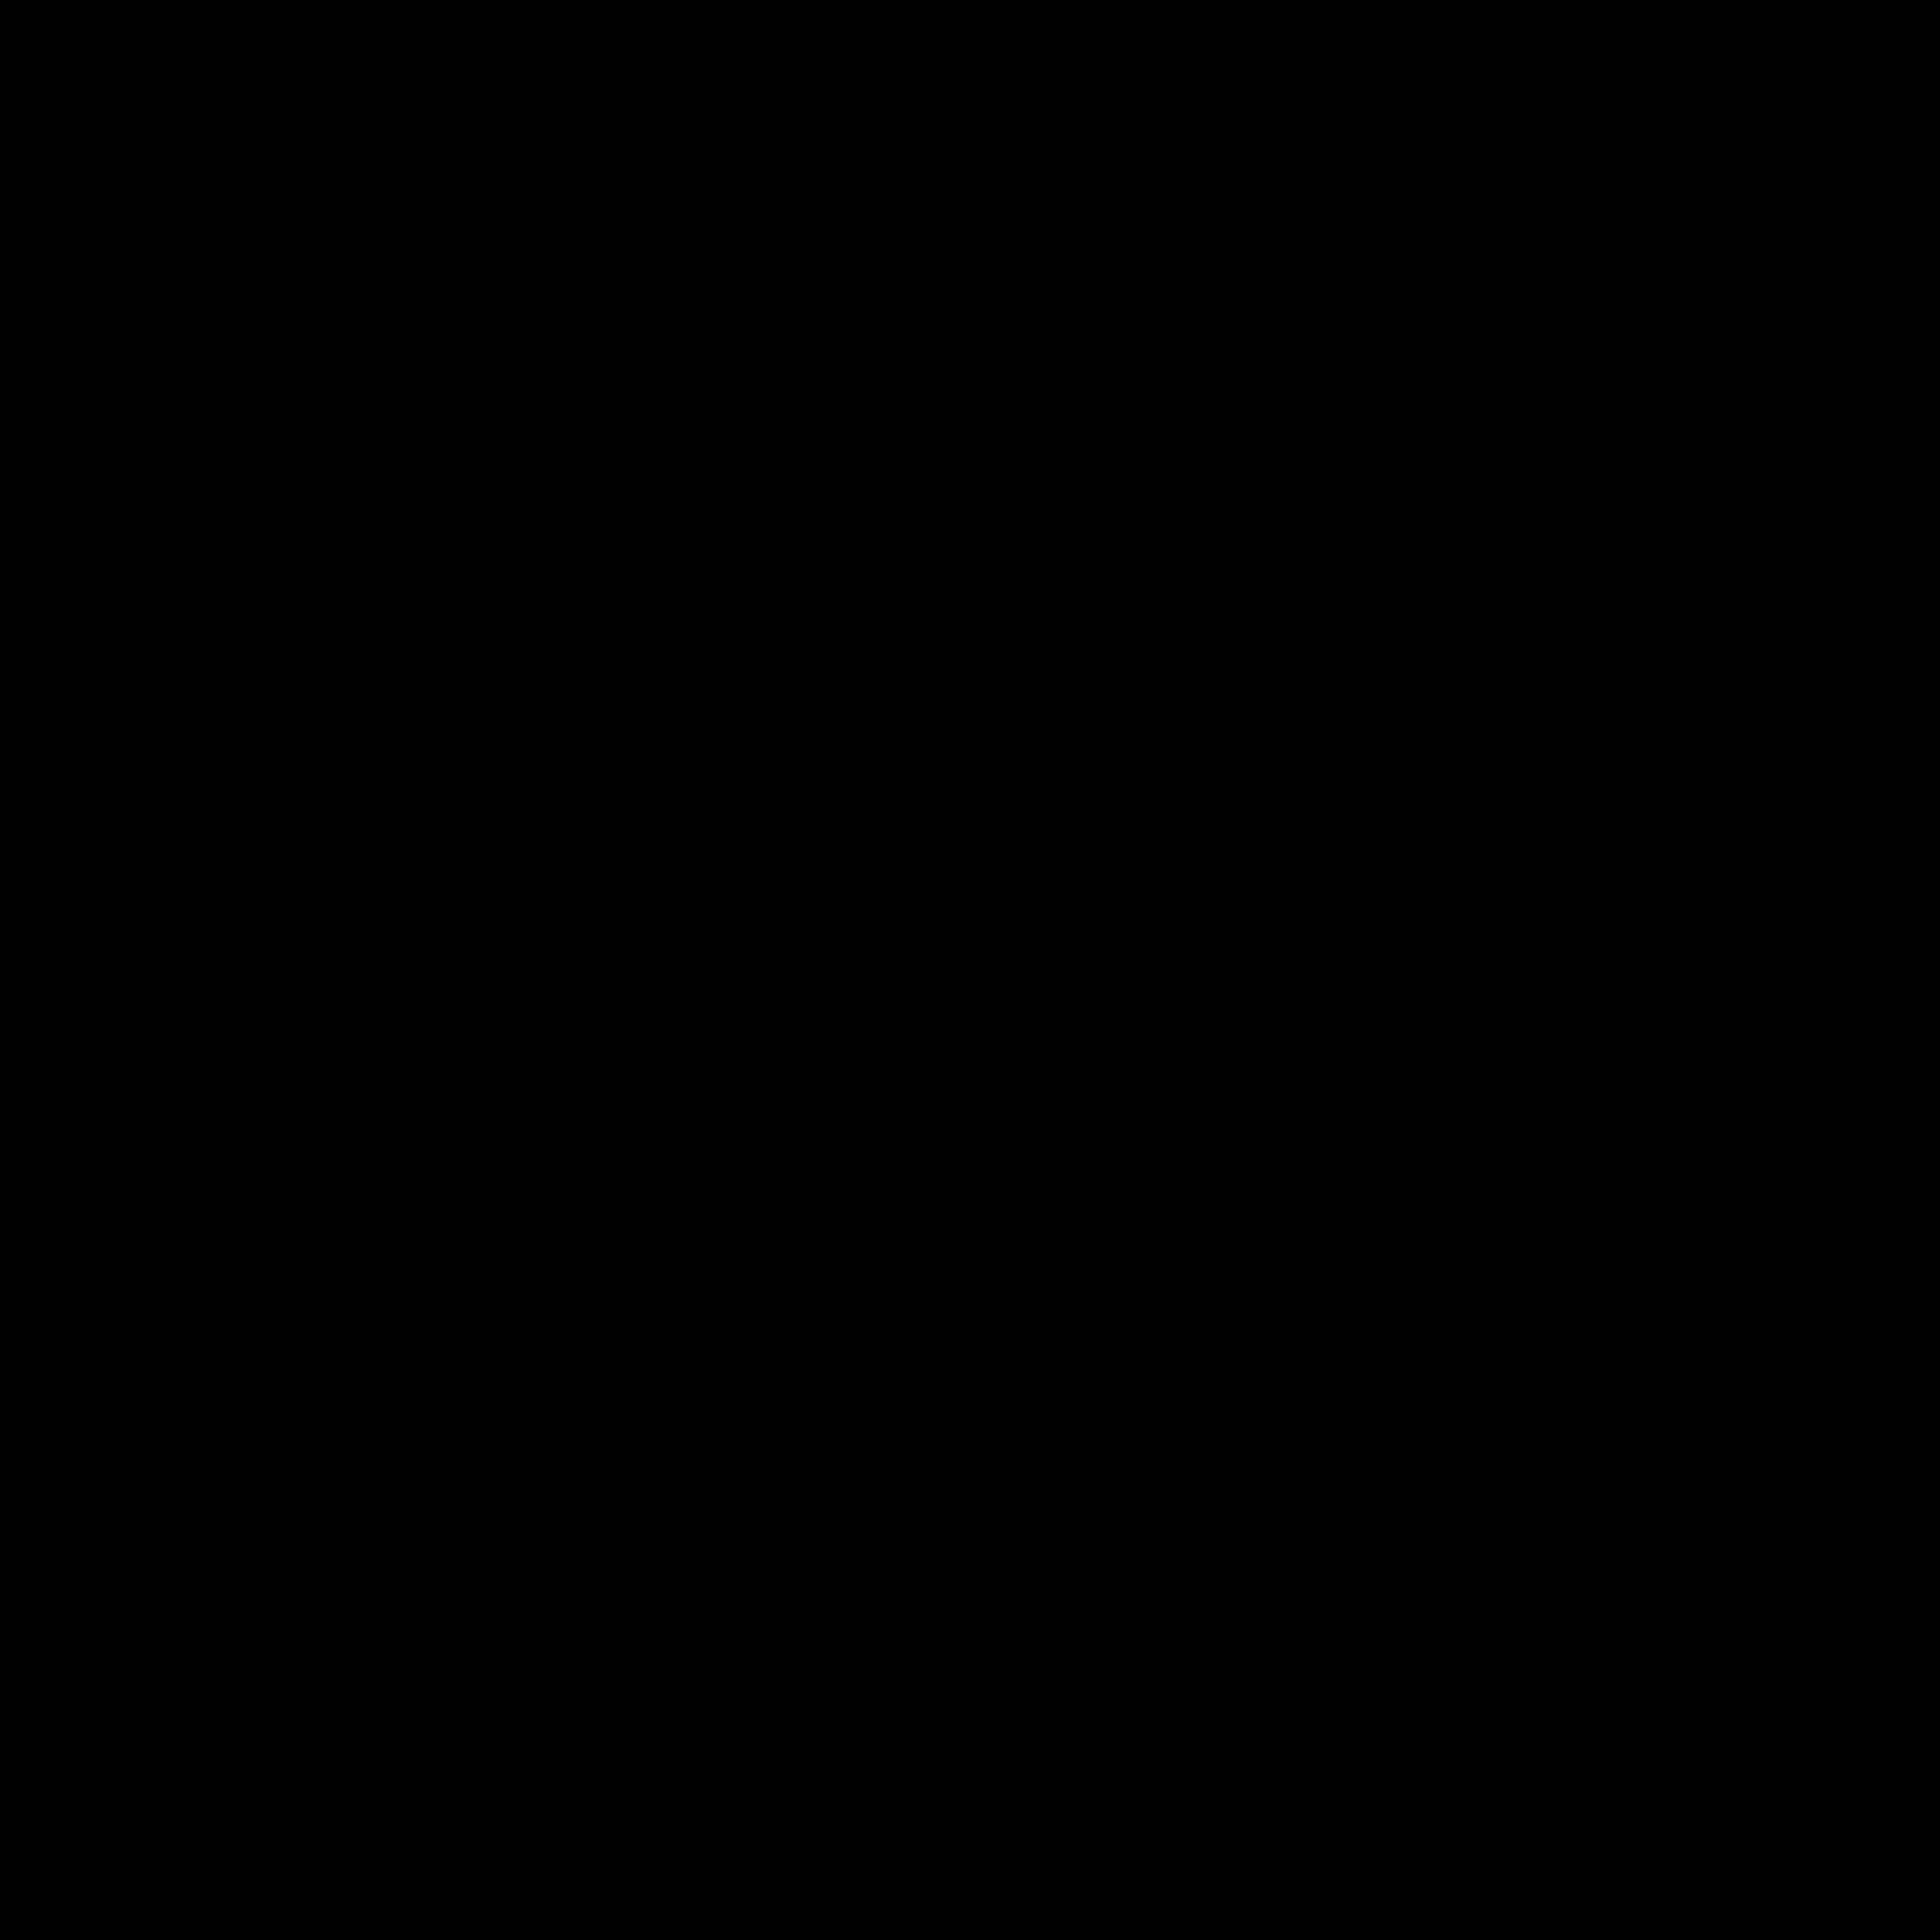 ADAPTADOR PARA CINTA LED 12V 2AMP